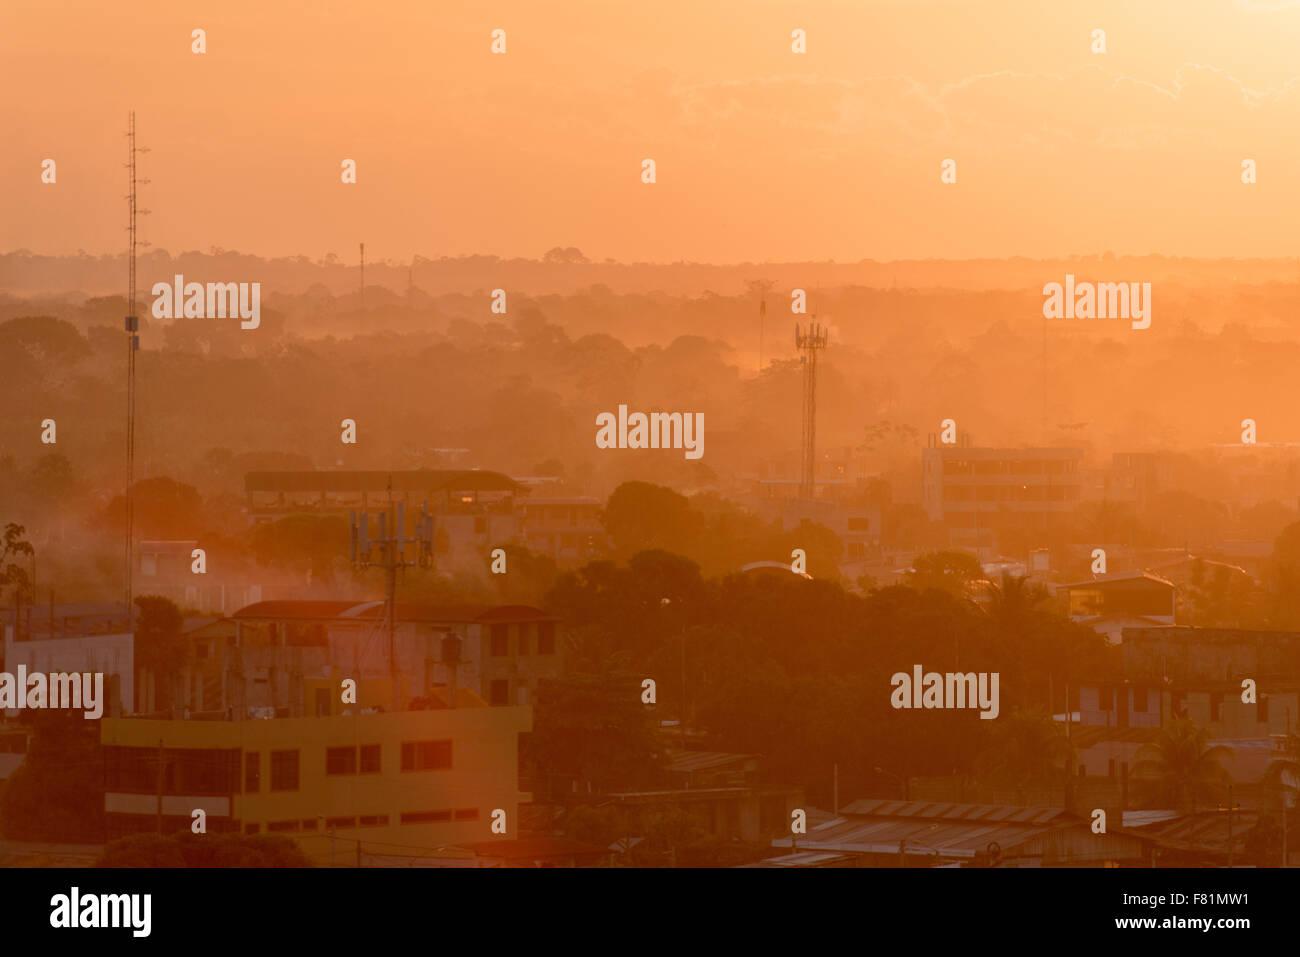 smoke haze from El Niño associated fires in Amazonia 2015, Puerto Maldonado, Madre de Dios, Peru - Stock Image